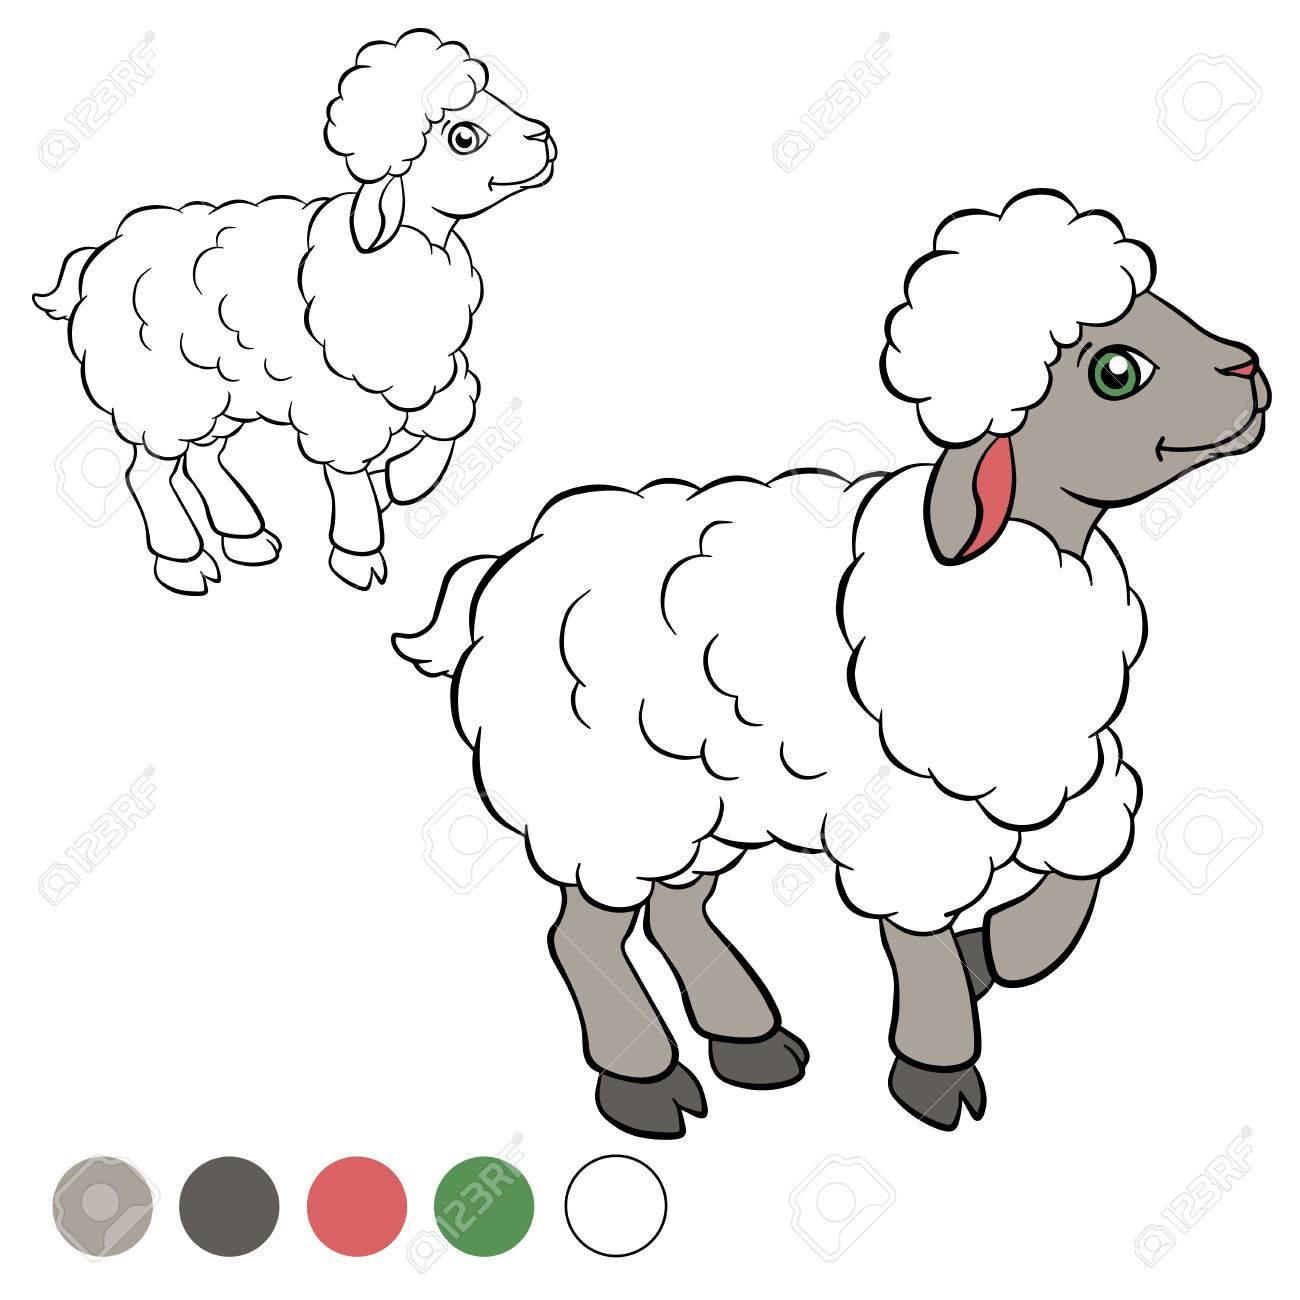 Dibujo Para Colorear. Color Me: Ovejas. Pequeños Puestos Oveja Linda ...